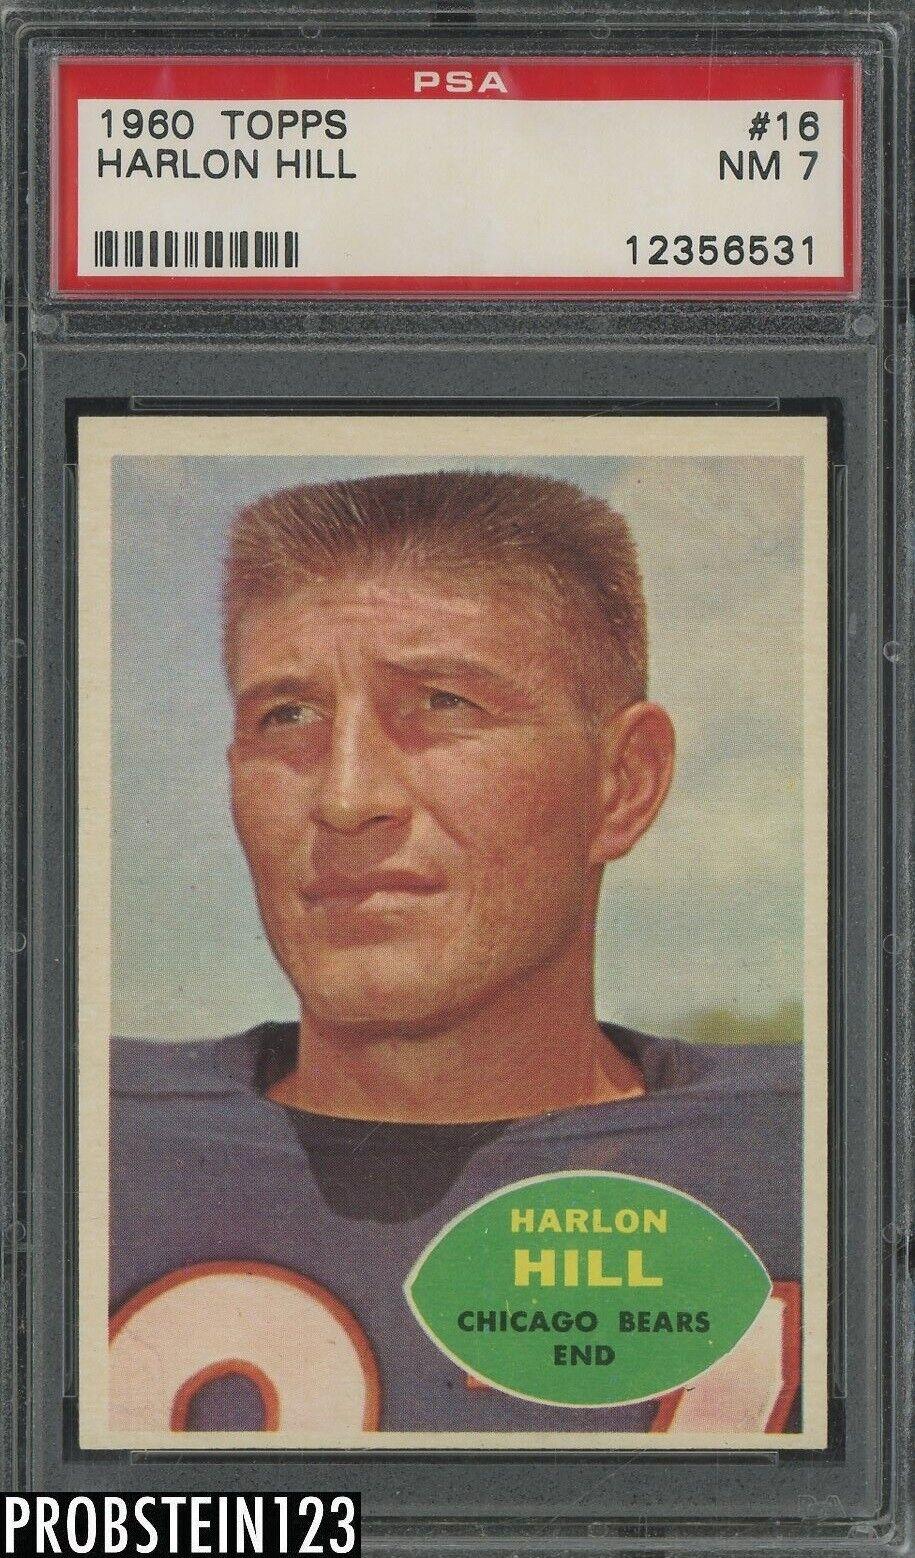 1960 Topps Football 16 Harlon Hill Chicago Bears PSA 7 NM - $13.08